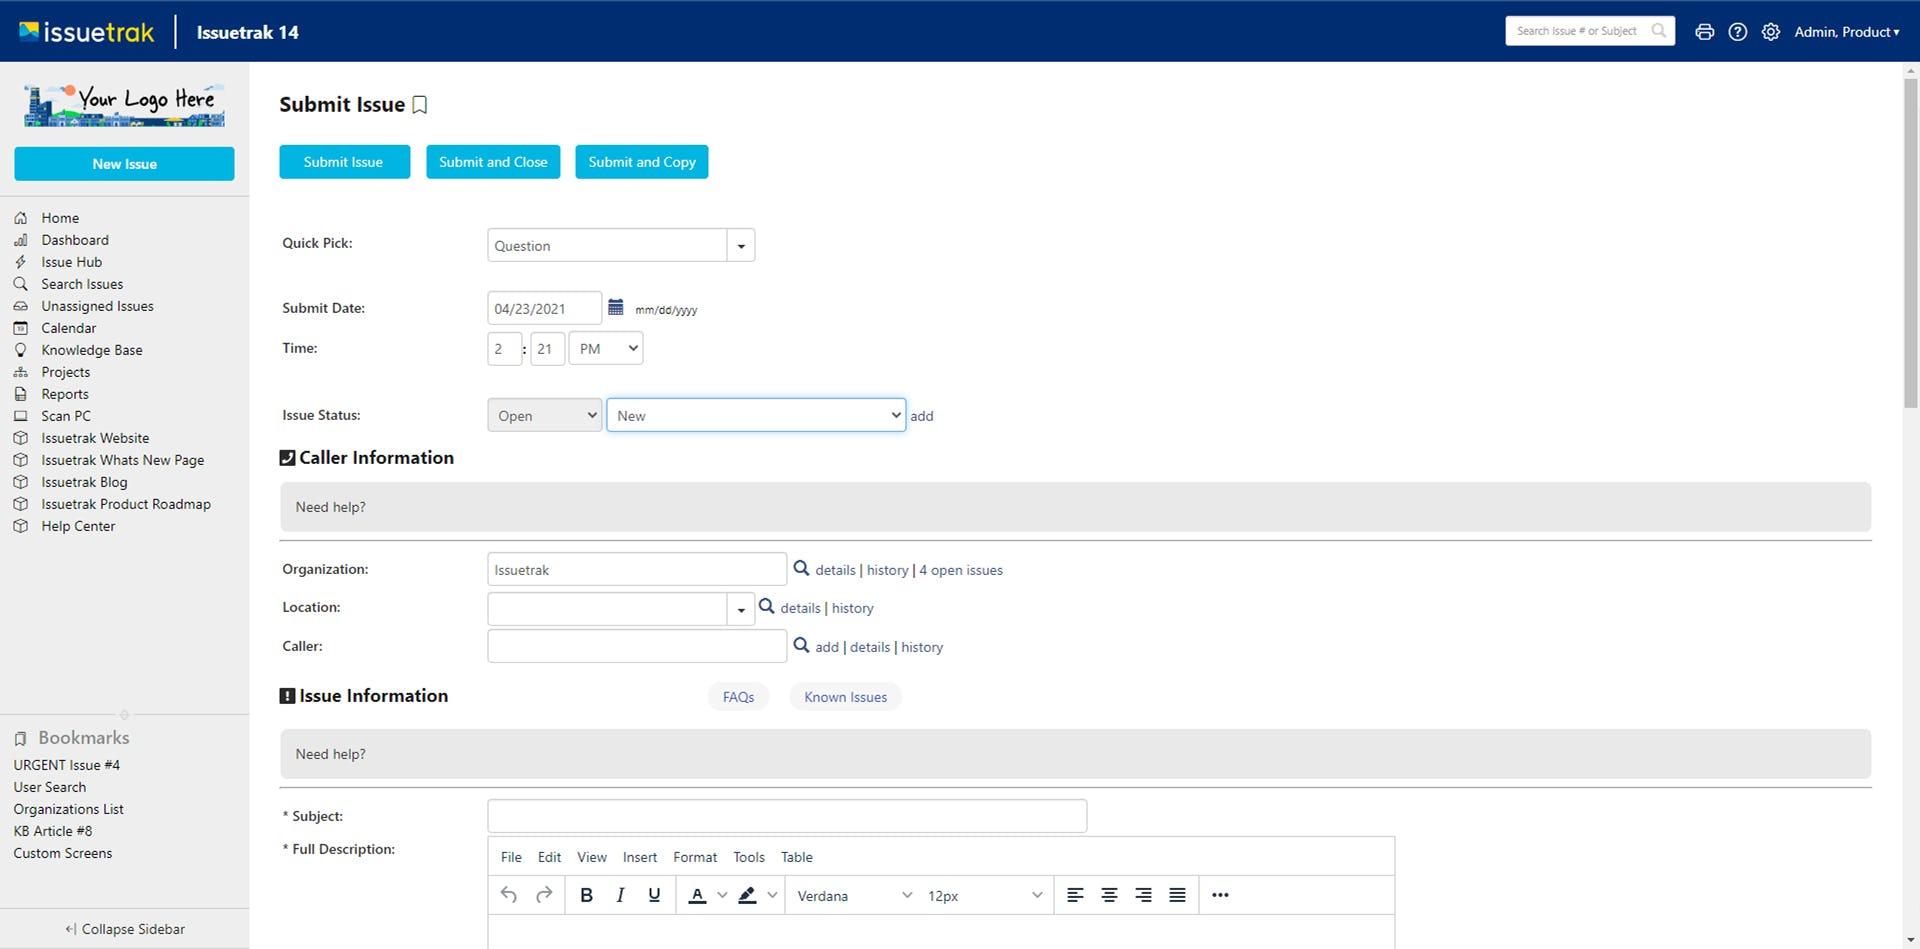 Issuetrak Software - Issuetrak Submit Issue View